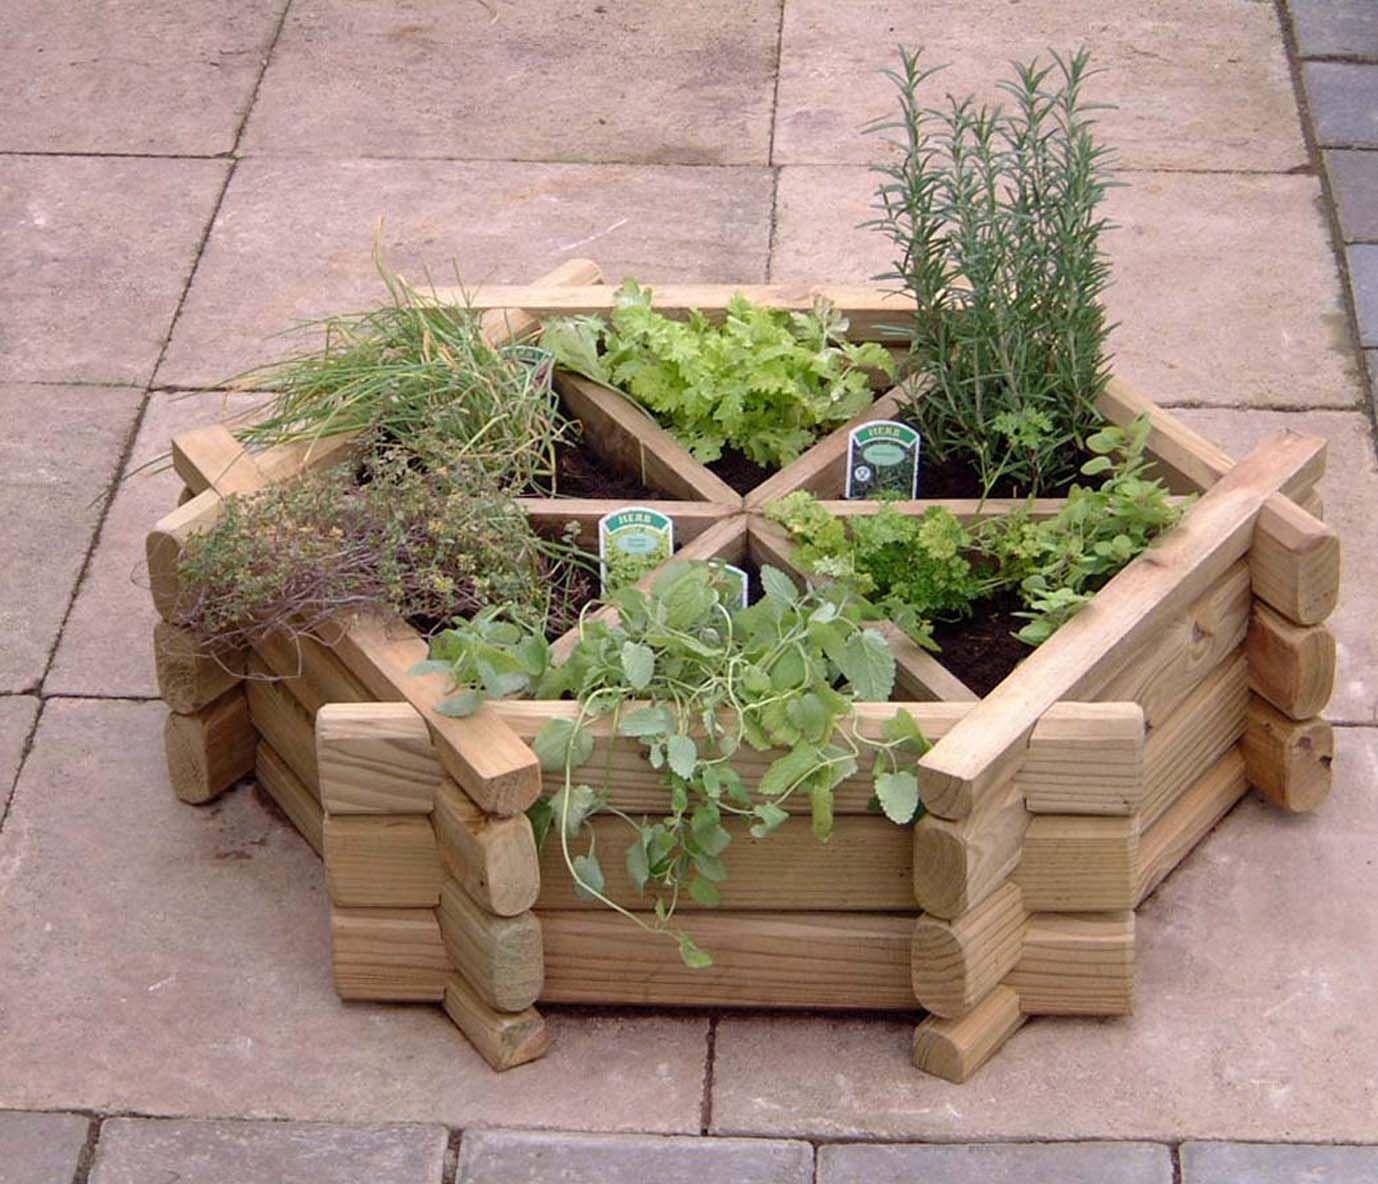 Herb Garden Design Ideas Photo 6 Raised Herb Garden Herb Garden Design Container Herb Garden